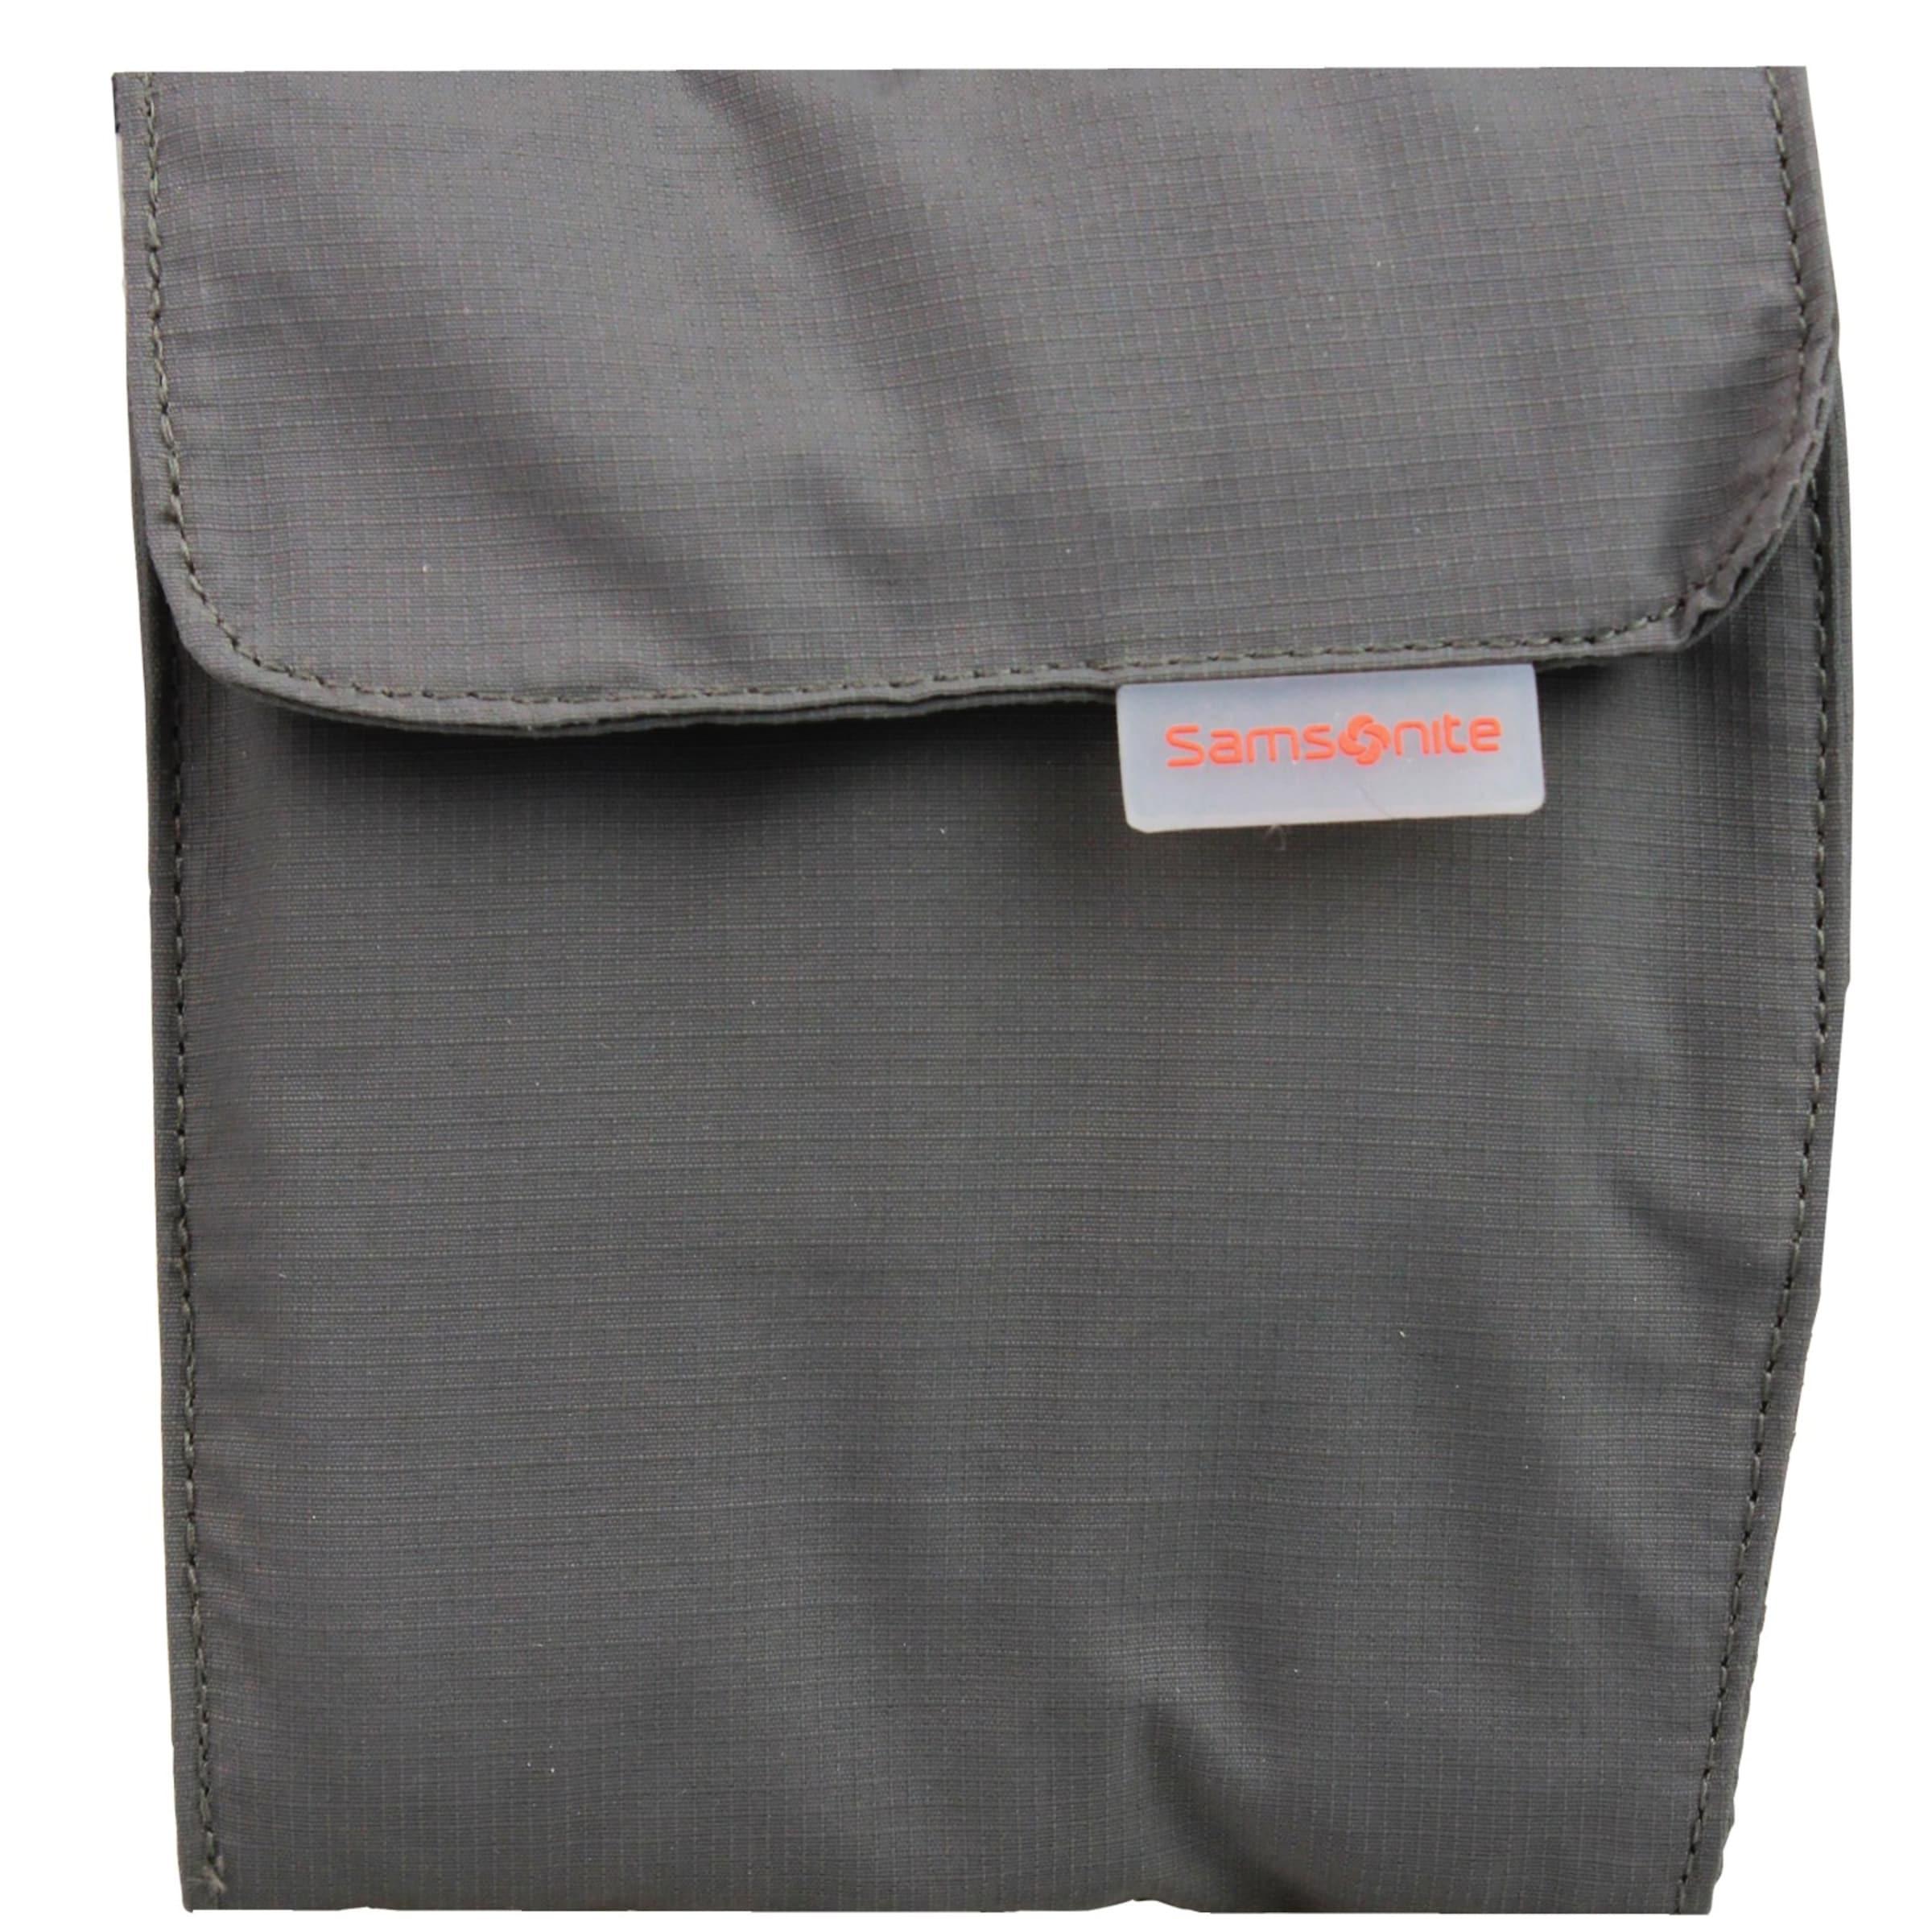 SAMSONITE Travel Accessories Deluxe Brustbeutel 13,5 cm